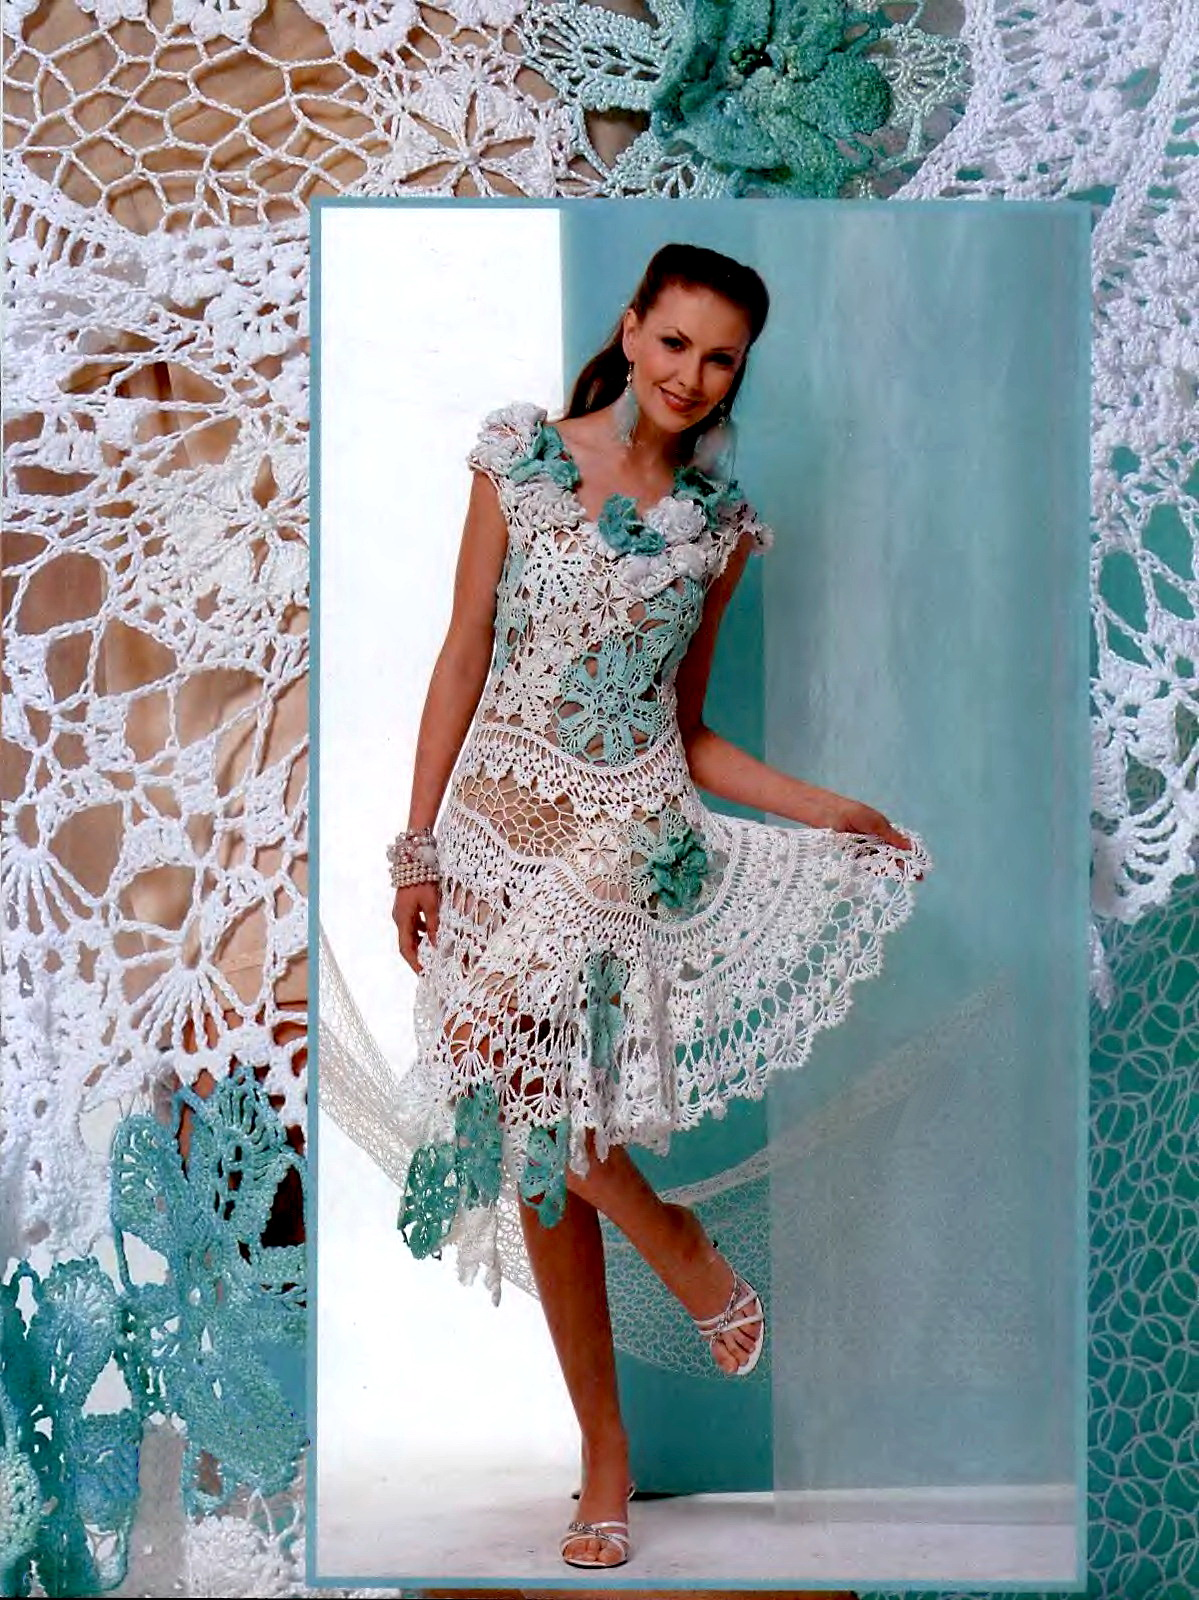 Ажурное платье связанное в техниках гипюрного и брюггского кружева